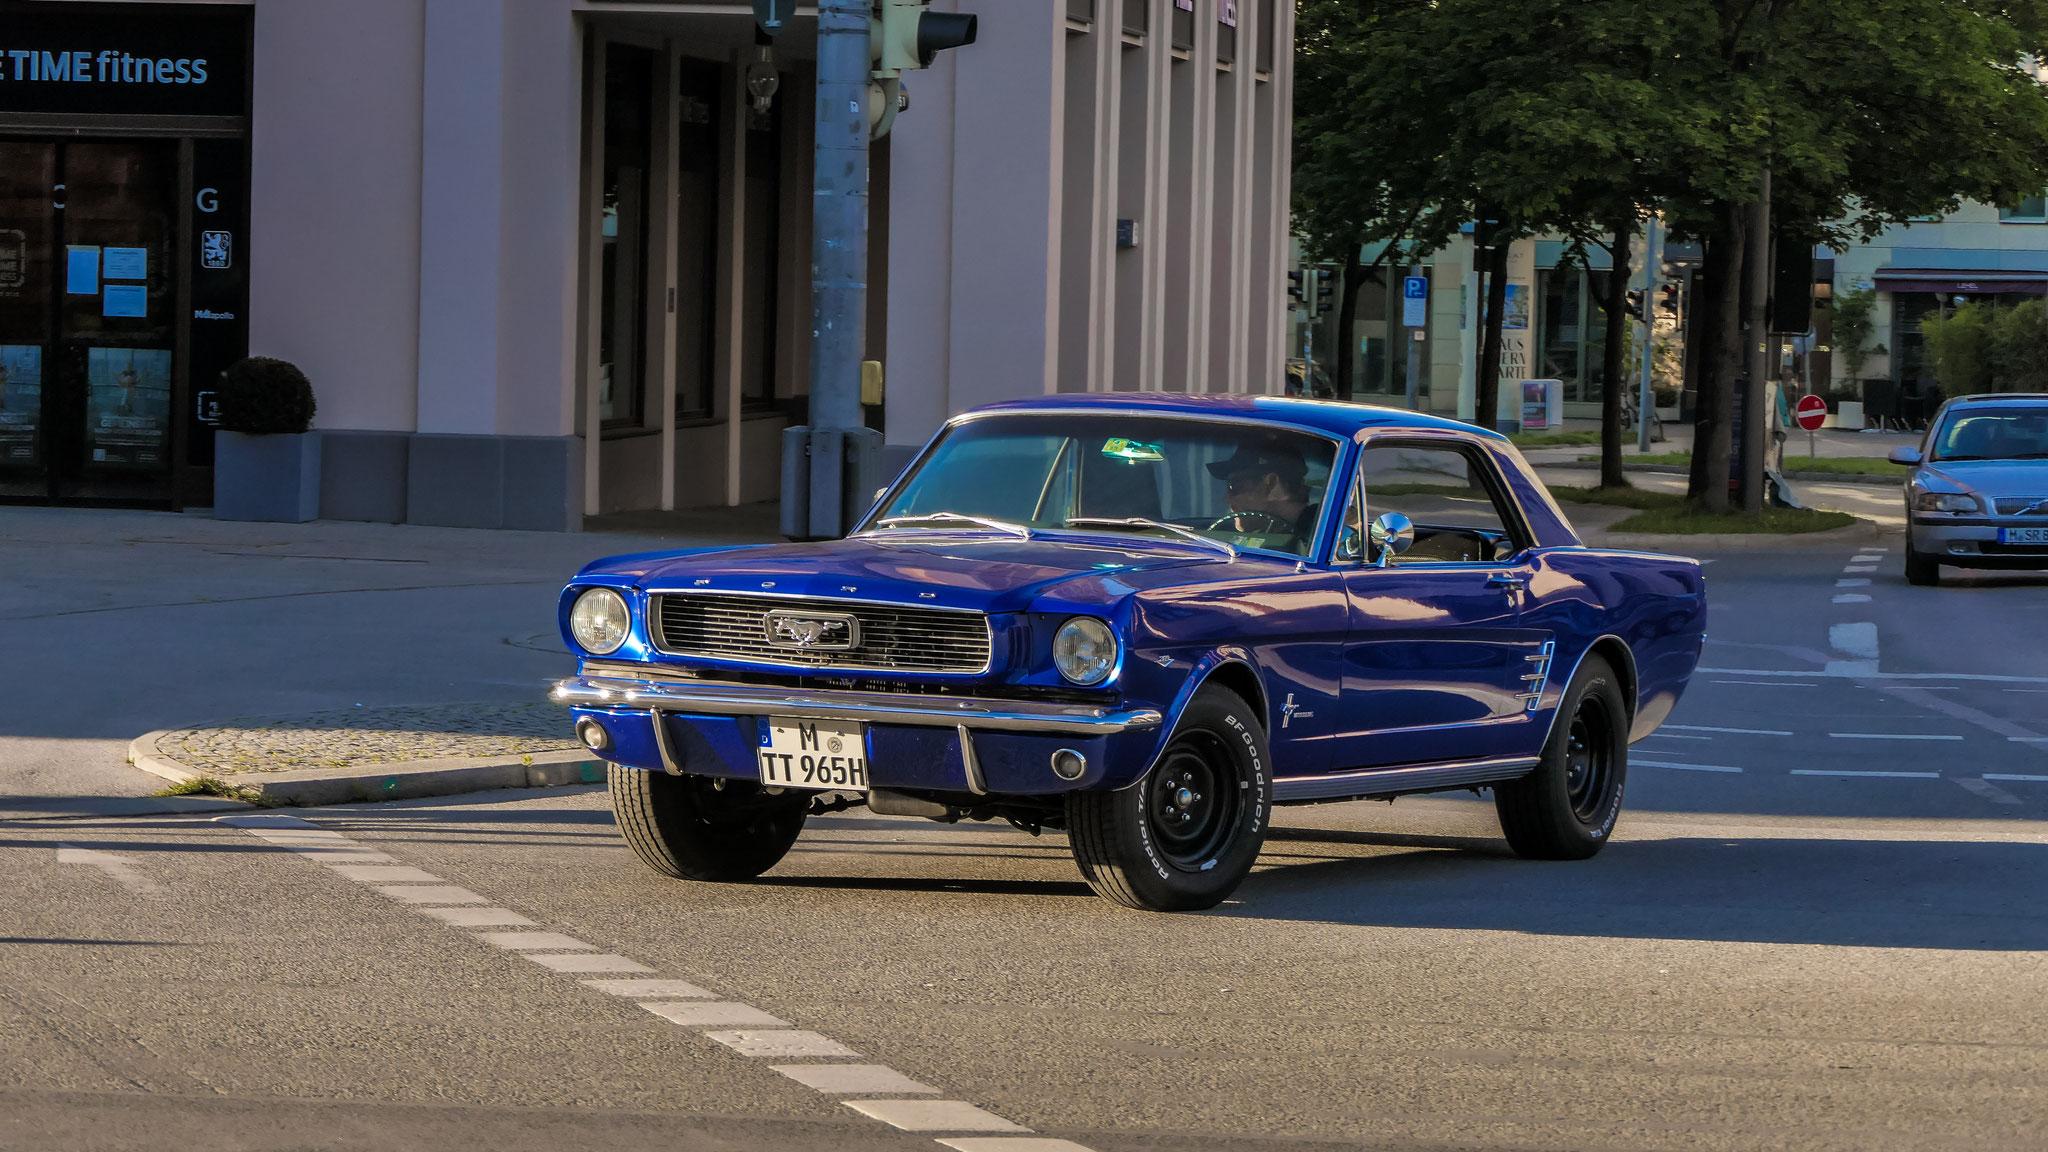 Mustang I - M-TT-965H